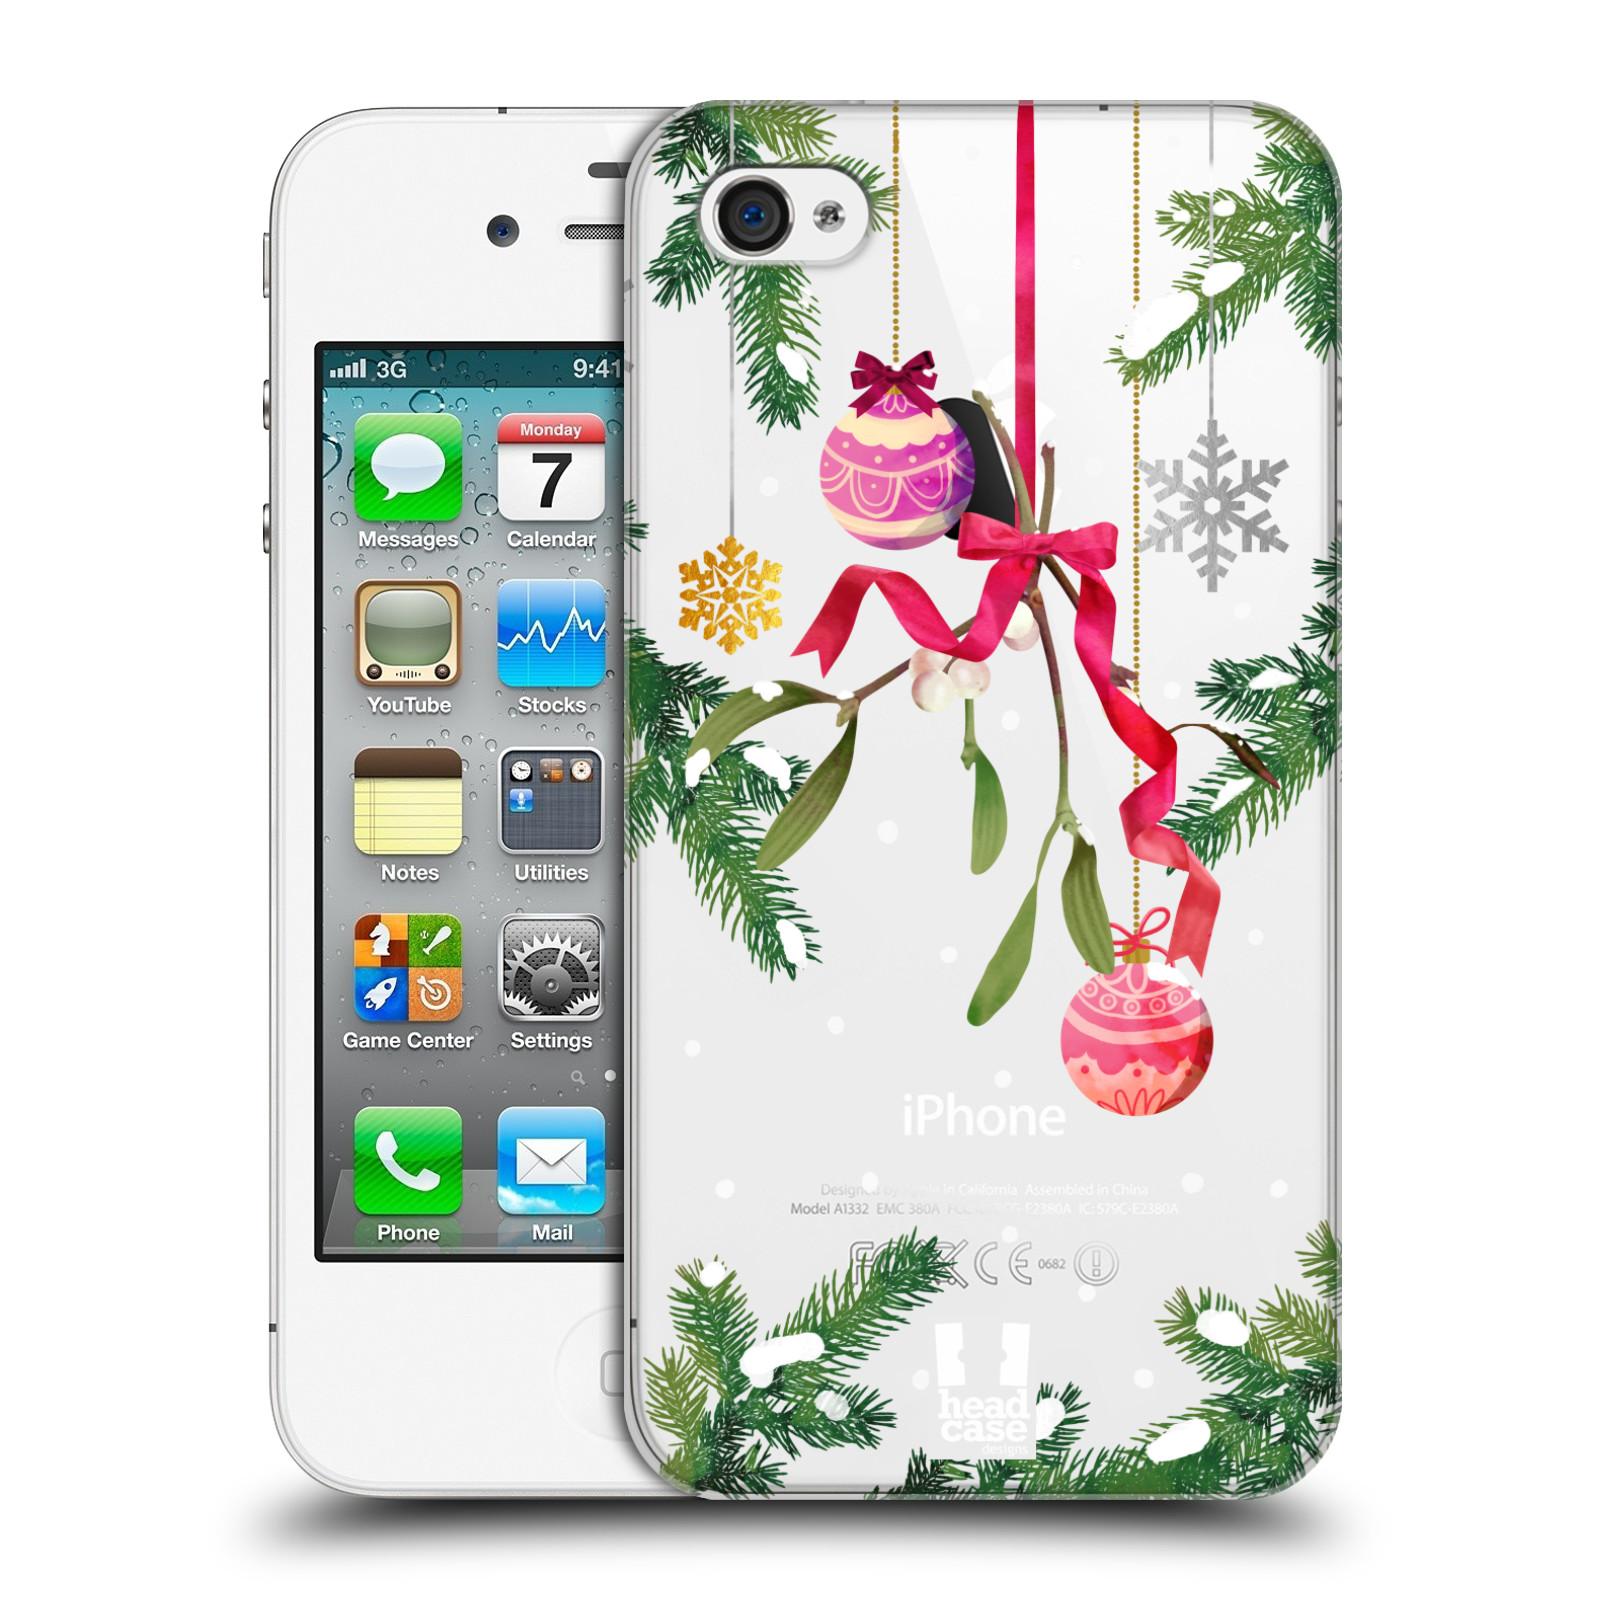 Plastové pouzdro na mobil Apple iPhone 4 a 4S - Head Case - Větvičky a vánoční ozdoby